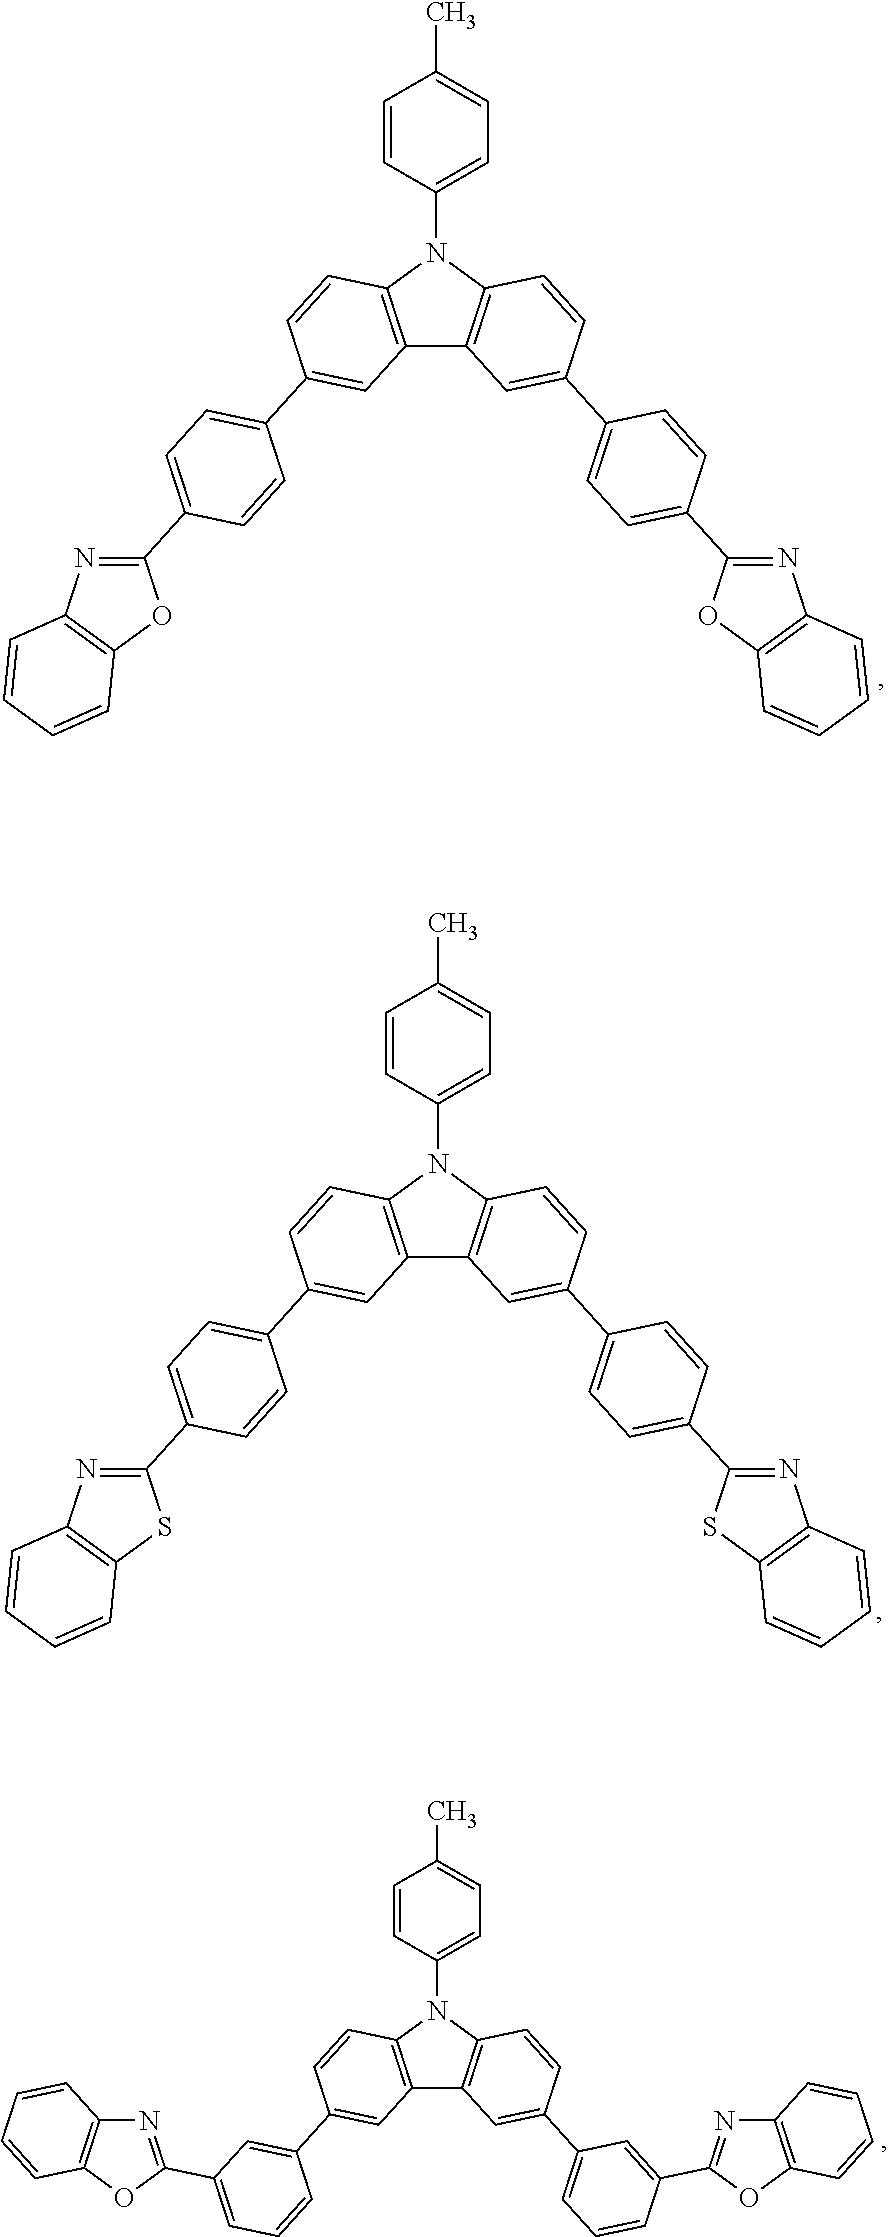 Figure US09853220-20171226-C00016